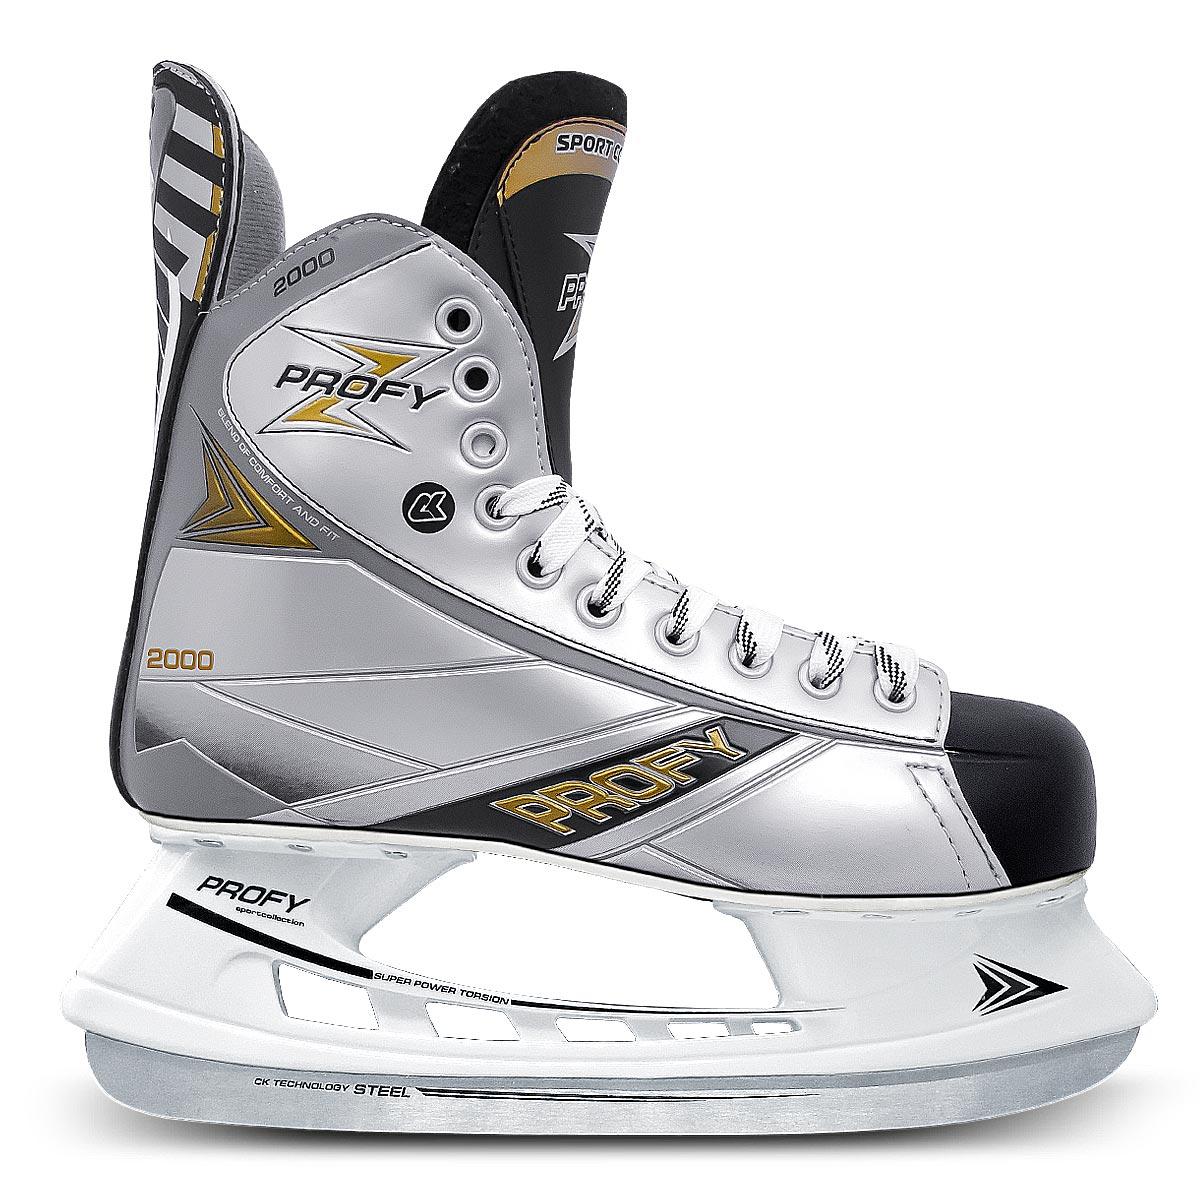 Коньки хоккейные мужские СК Profy Z 2000, цвет: черный, серый. Размер 41PROFY Z 2000_черный, серый_41Стильные мужские коньки от CK Profy Z 2000 прекрасно подойдут для начинающих игроков в хоккей. Ботинок выполнен из морозоустойчивой искусственной кожи и ПВХ. Мыс дополнен вставкой, которая защитит ноги от ударов. Внутренний слой и стелька изготовлены из мягкого текстиля, который обеспечит тепло и комфорт во время катания, язычок - из войлока. Плотная шнуровка надежно фиксирует модель на ноге. Голеностоп имеет удобный суппорт. По верху коньки декорированы тиснением в виде логотипа бренда. Подошва - из твердого пластика. Стойка выполнена из ударопрочного поливинилхлорида. Лезвие из углеродистой нержавеющей стали обеспечит превосходное скольжение. Оригинальные коньки придутся вам по душе.